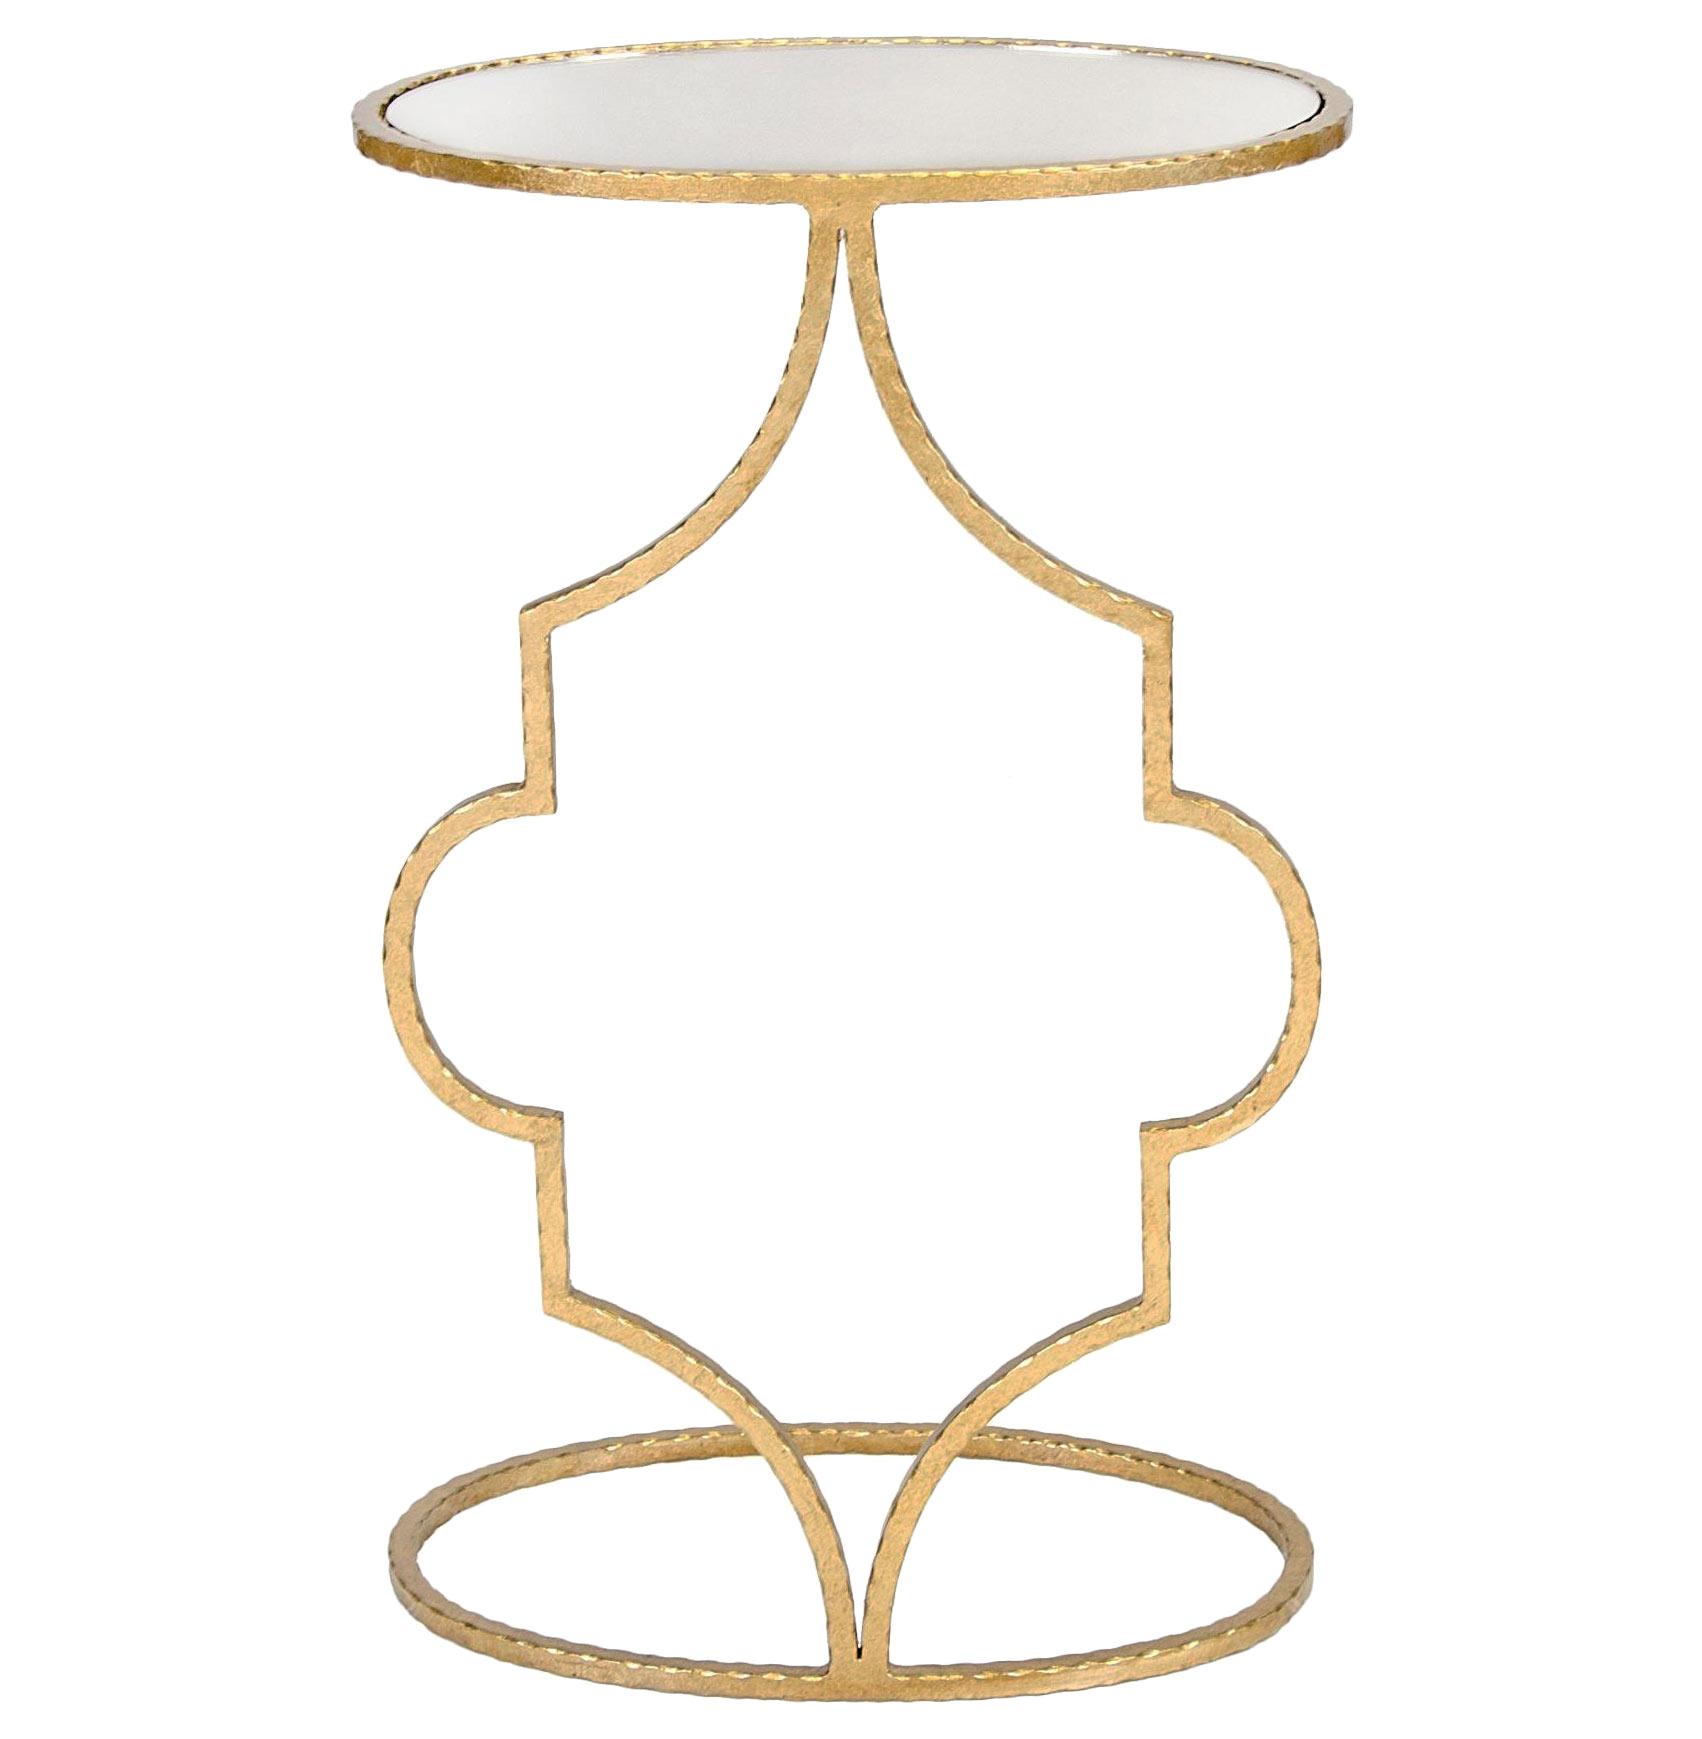 Bellagio Hollywood Regency Gold Mirror Quatrefoil Side Table